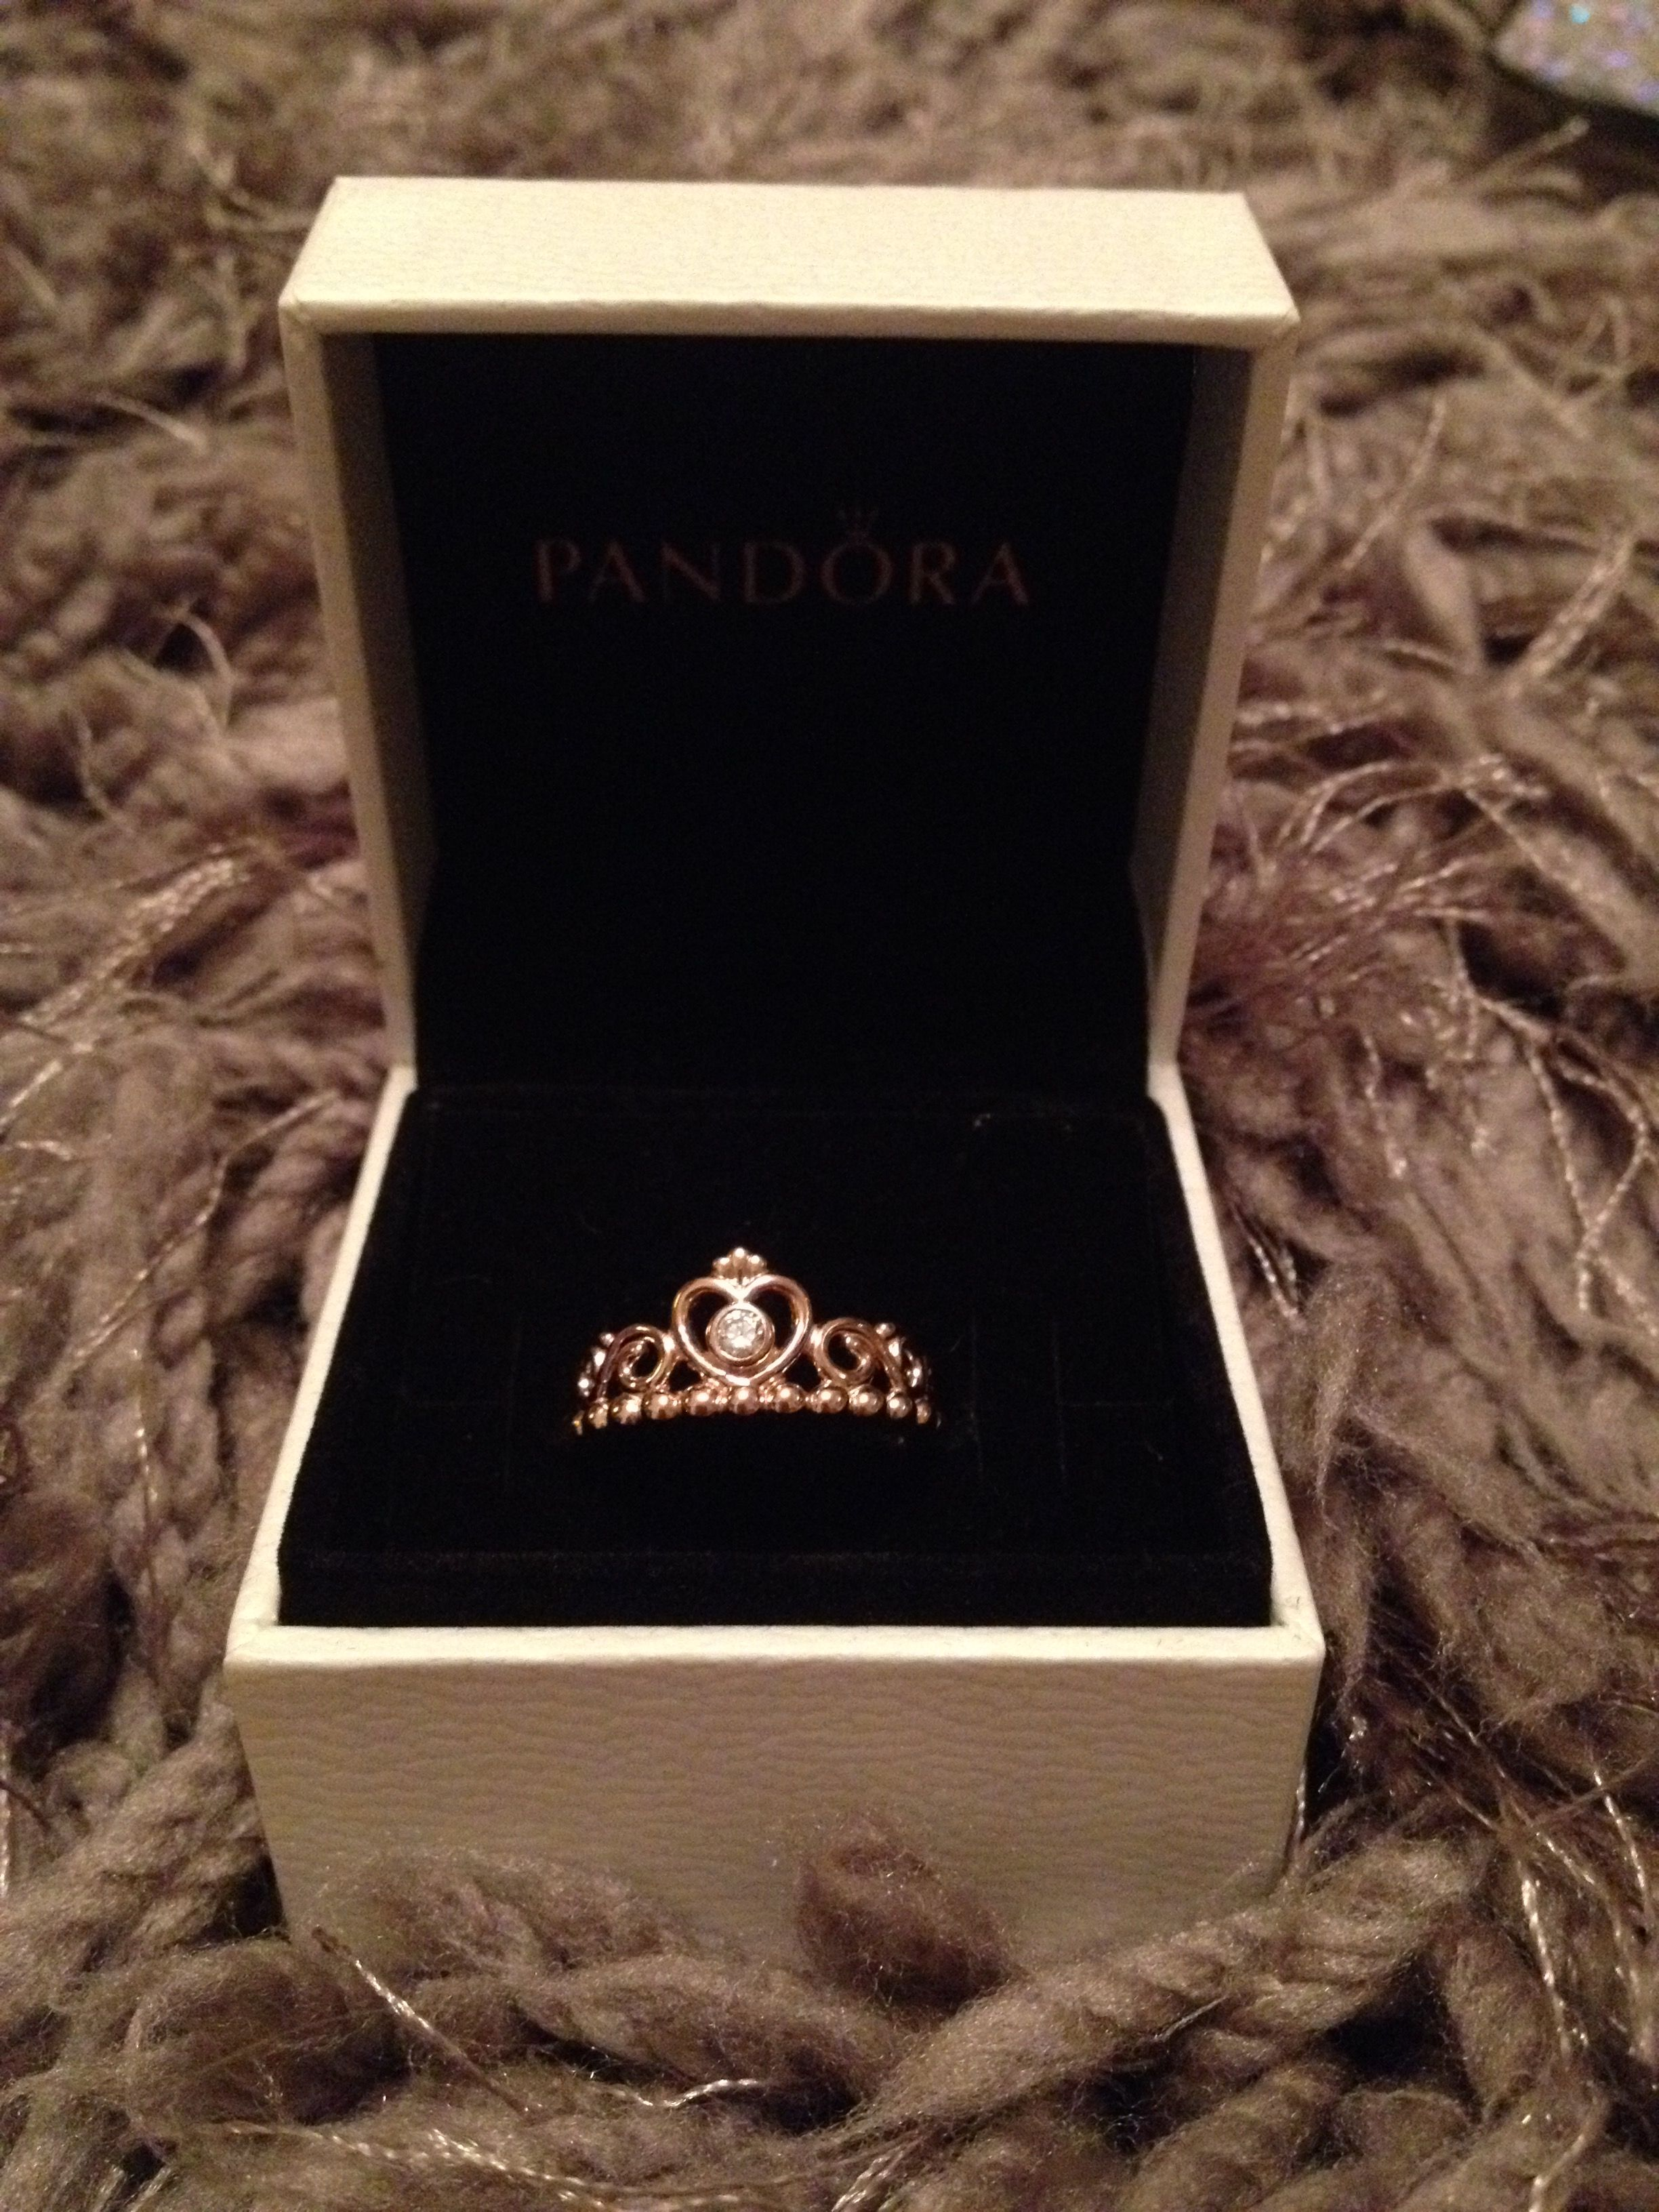 anello donna pandora corona